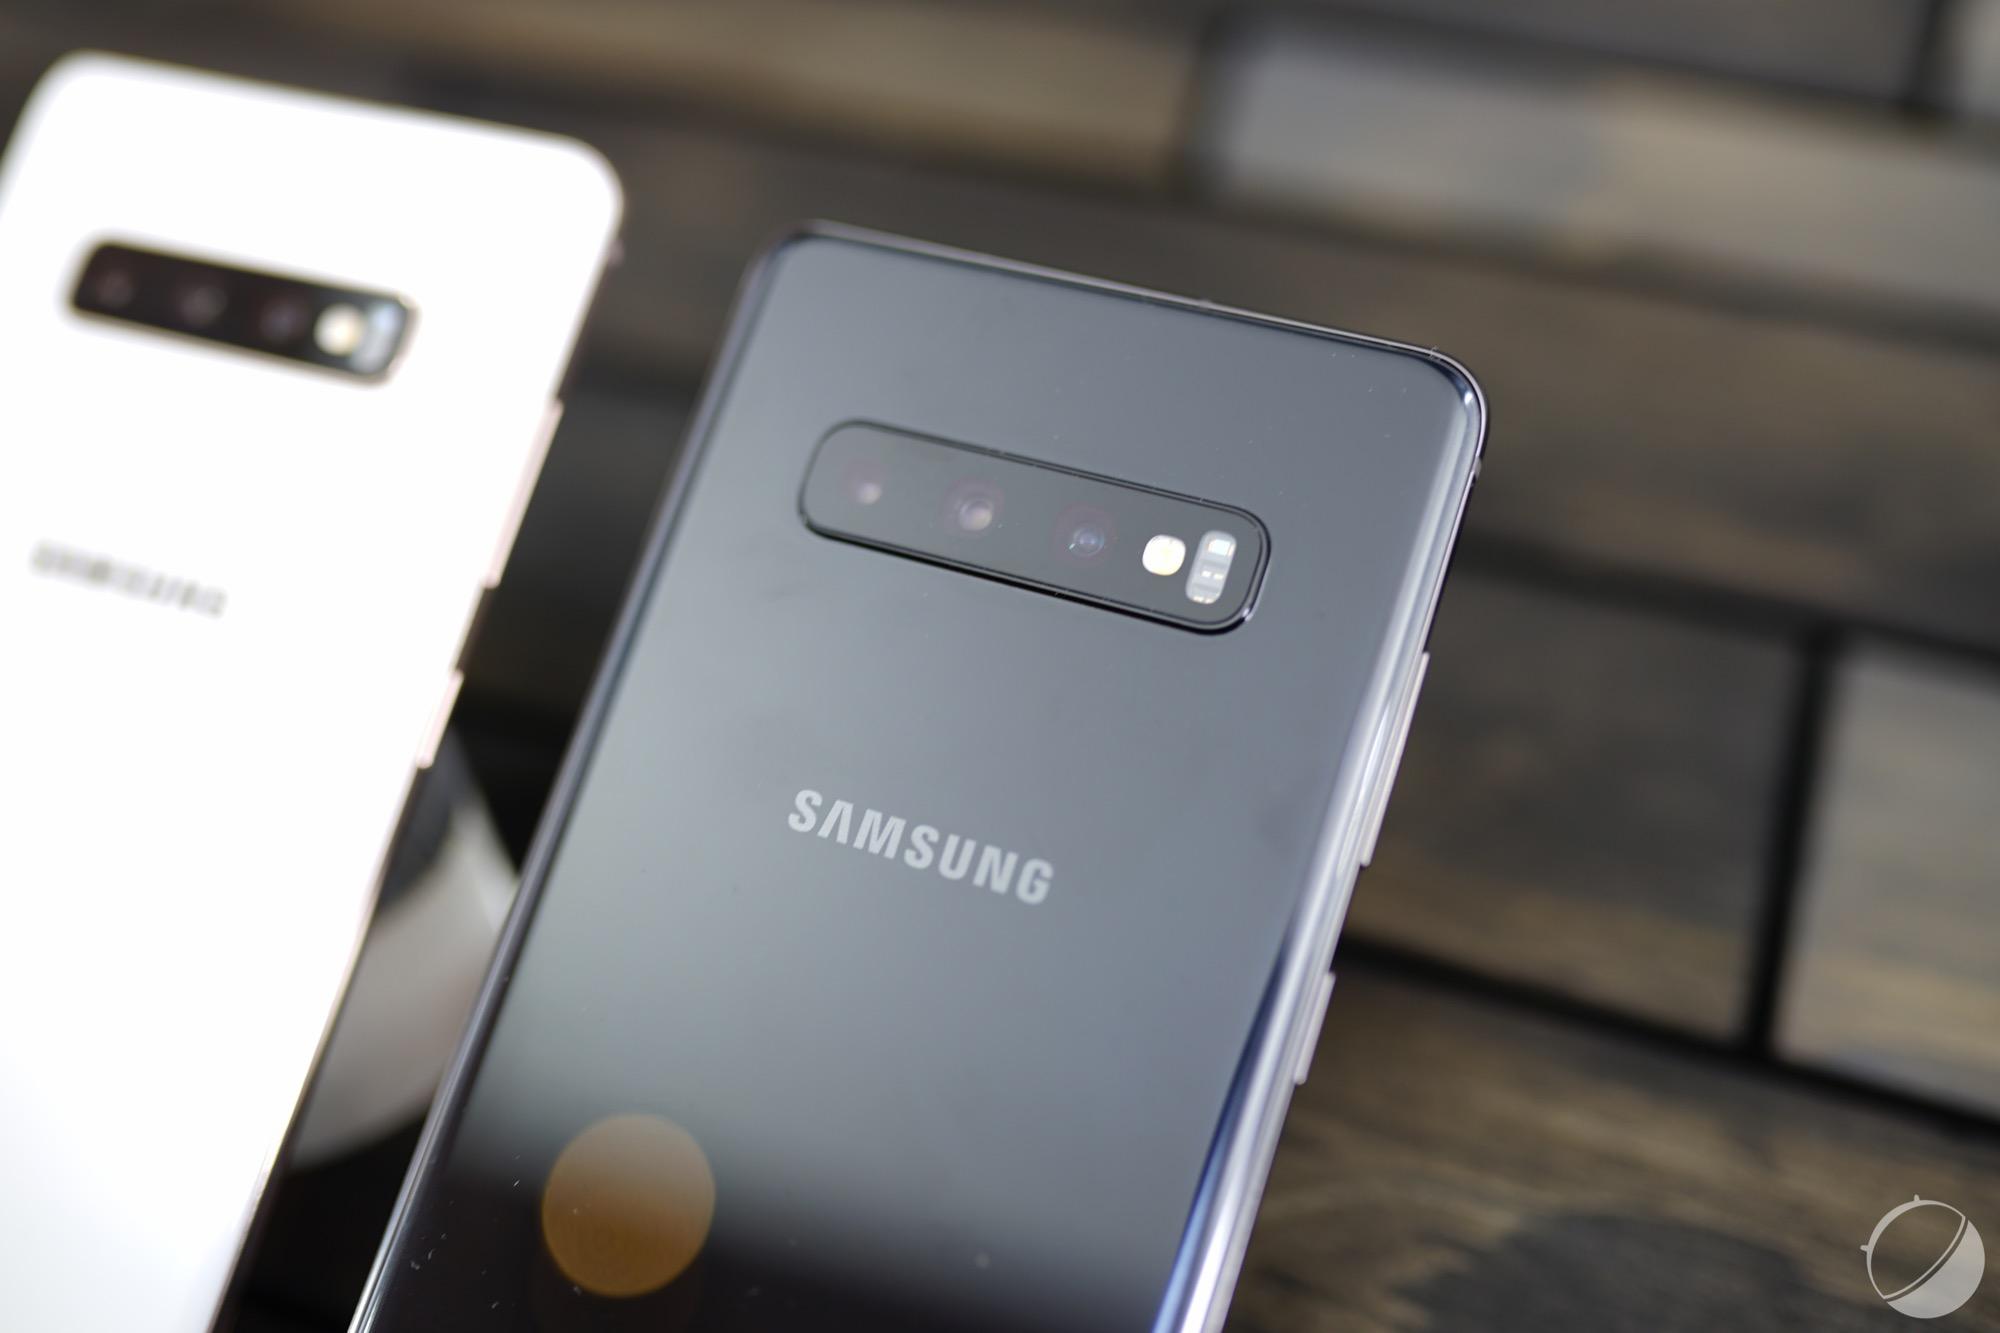 Le Samsung Galaxy S11 profiterait d'un zoom x5 et d'un capteur de 108 MP